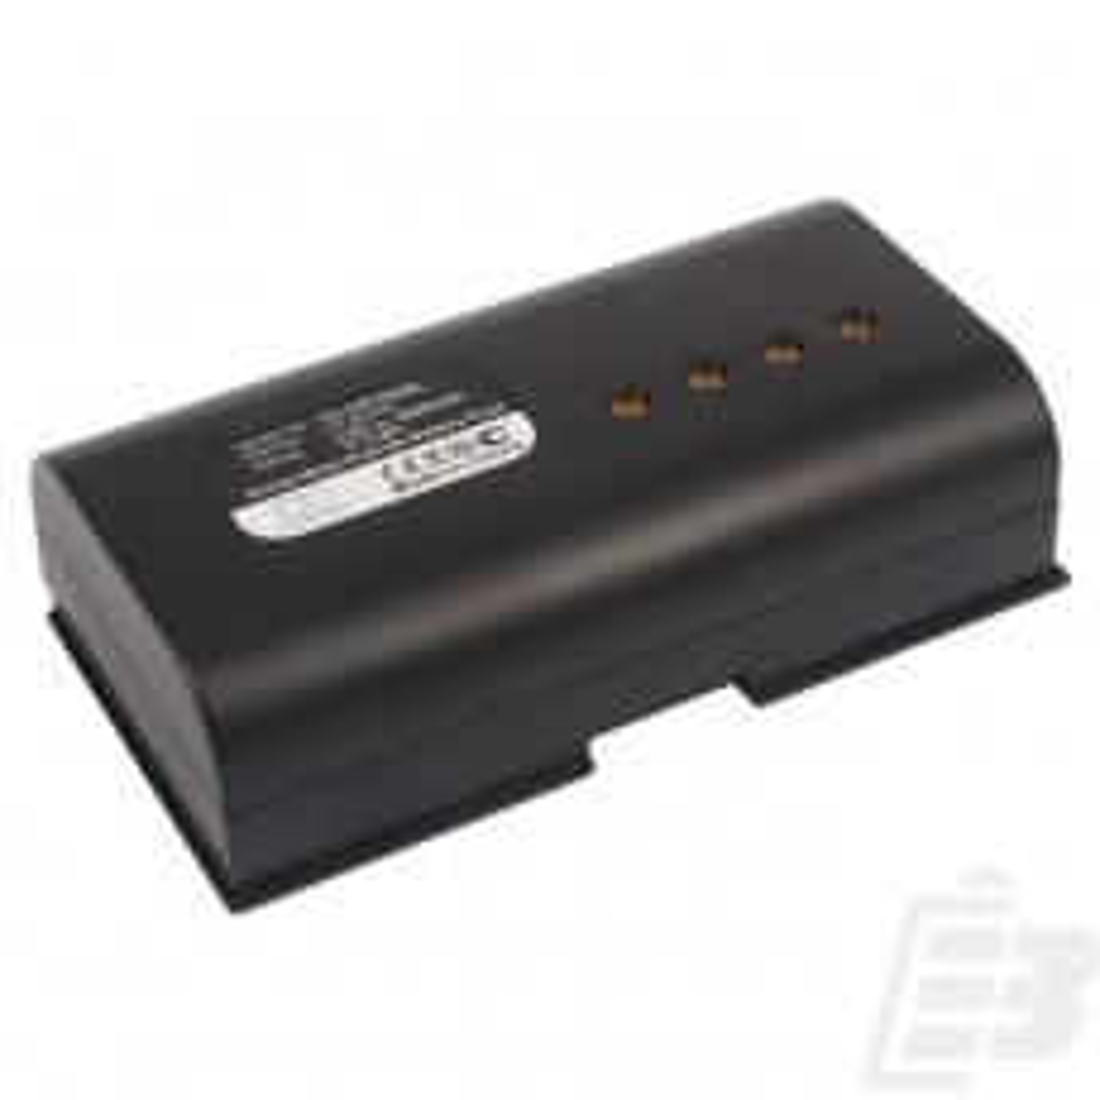 Μπαταρία remote control Crestron SmarTouch 1700_1